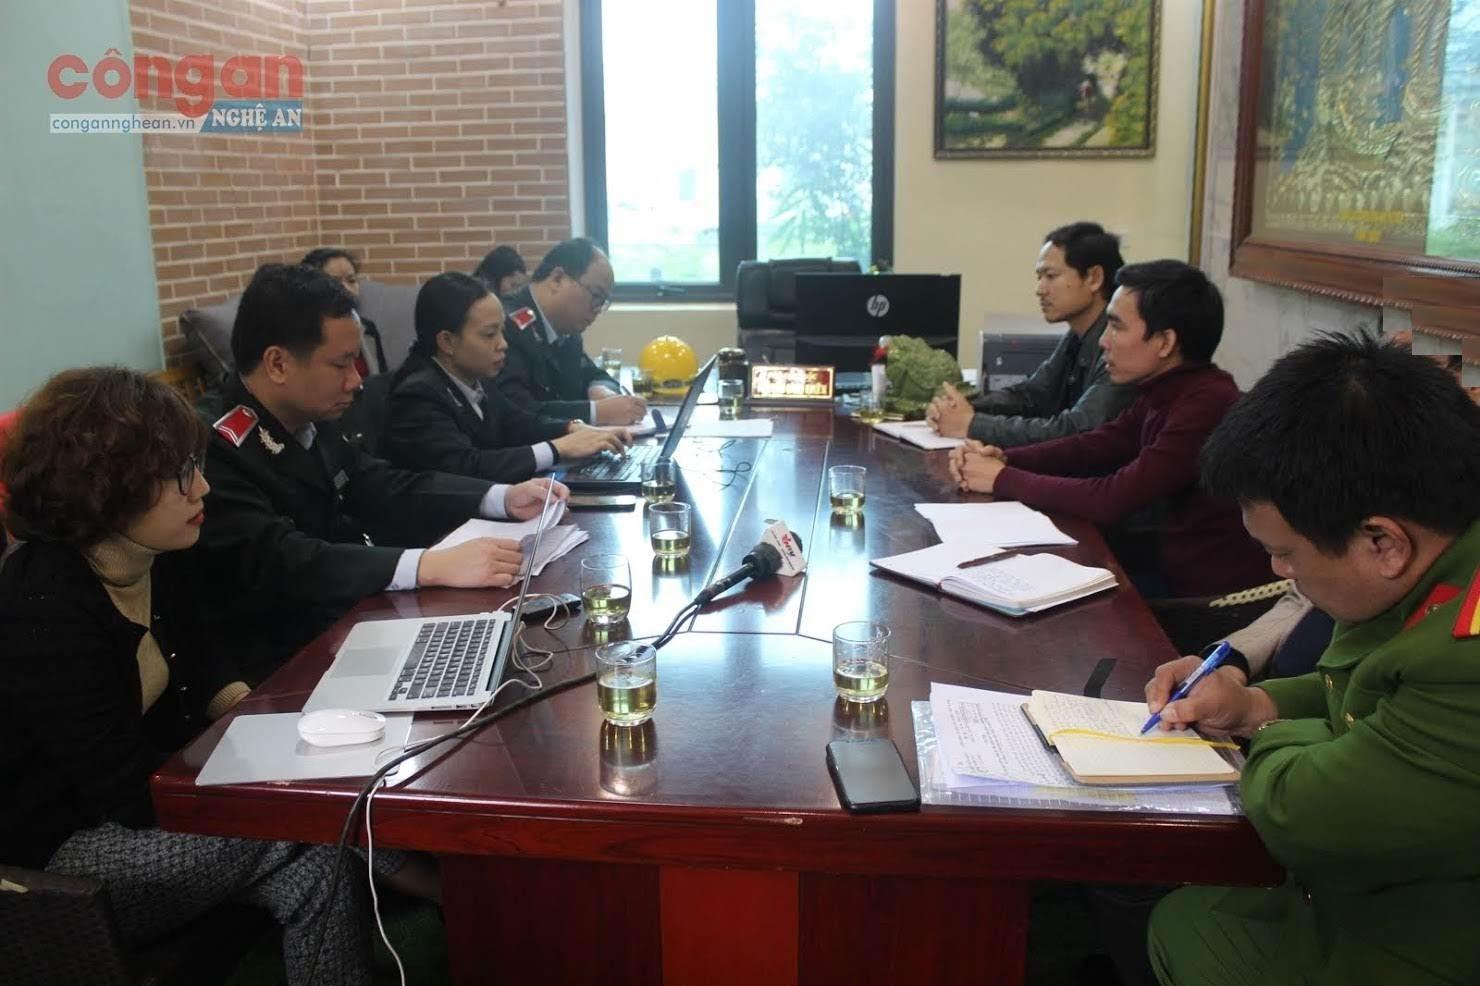 Tại buổi làm việc với Đoàn thanh tra chuyên ngành vào ngày 17/2, ông Trần Ngọc Hà (ở giữa bên phải) phân trần lý do Xí nghiệp làm ăn thua lỗ dẫn đến mất kiểm soát về tài chính